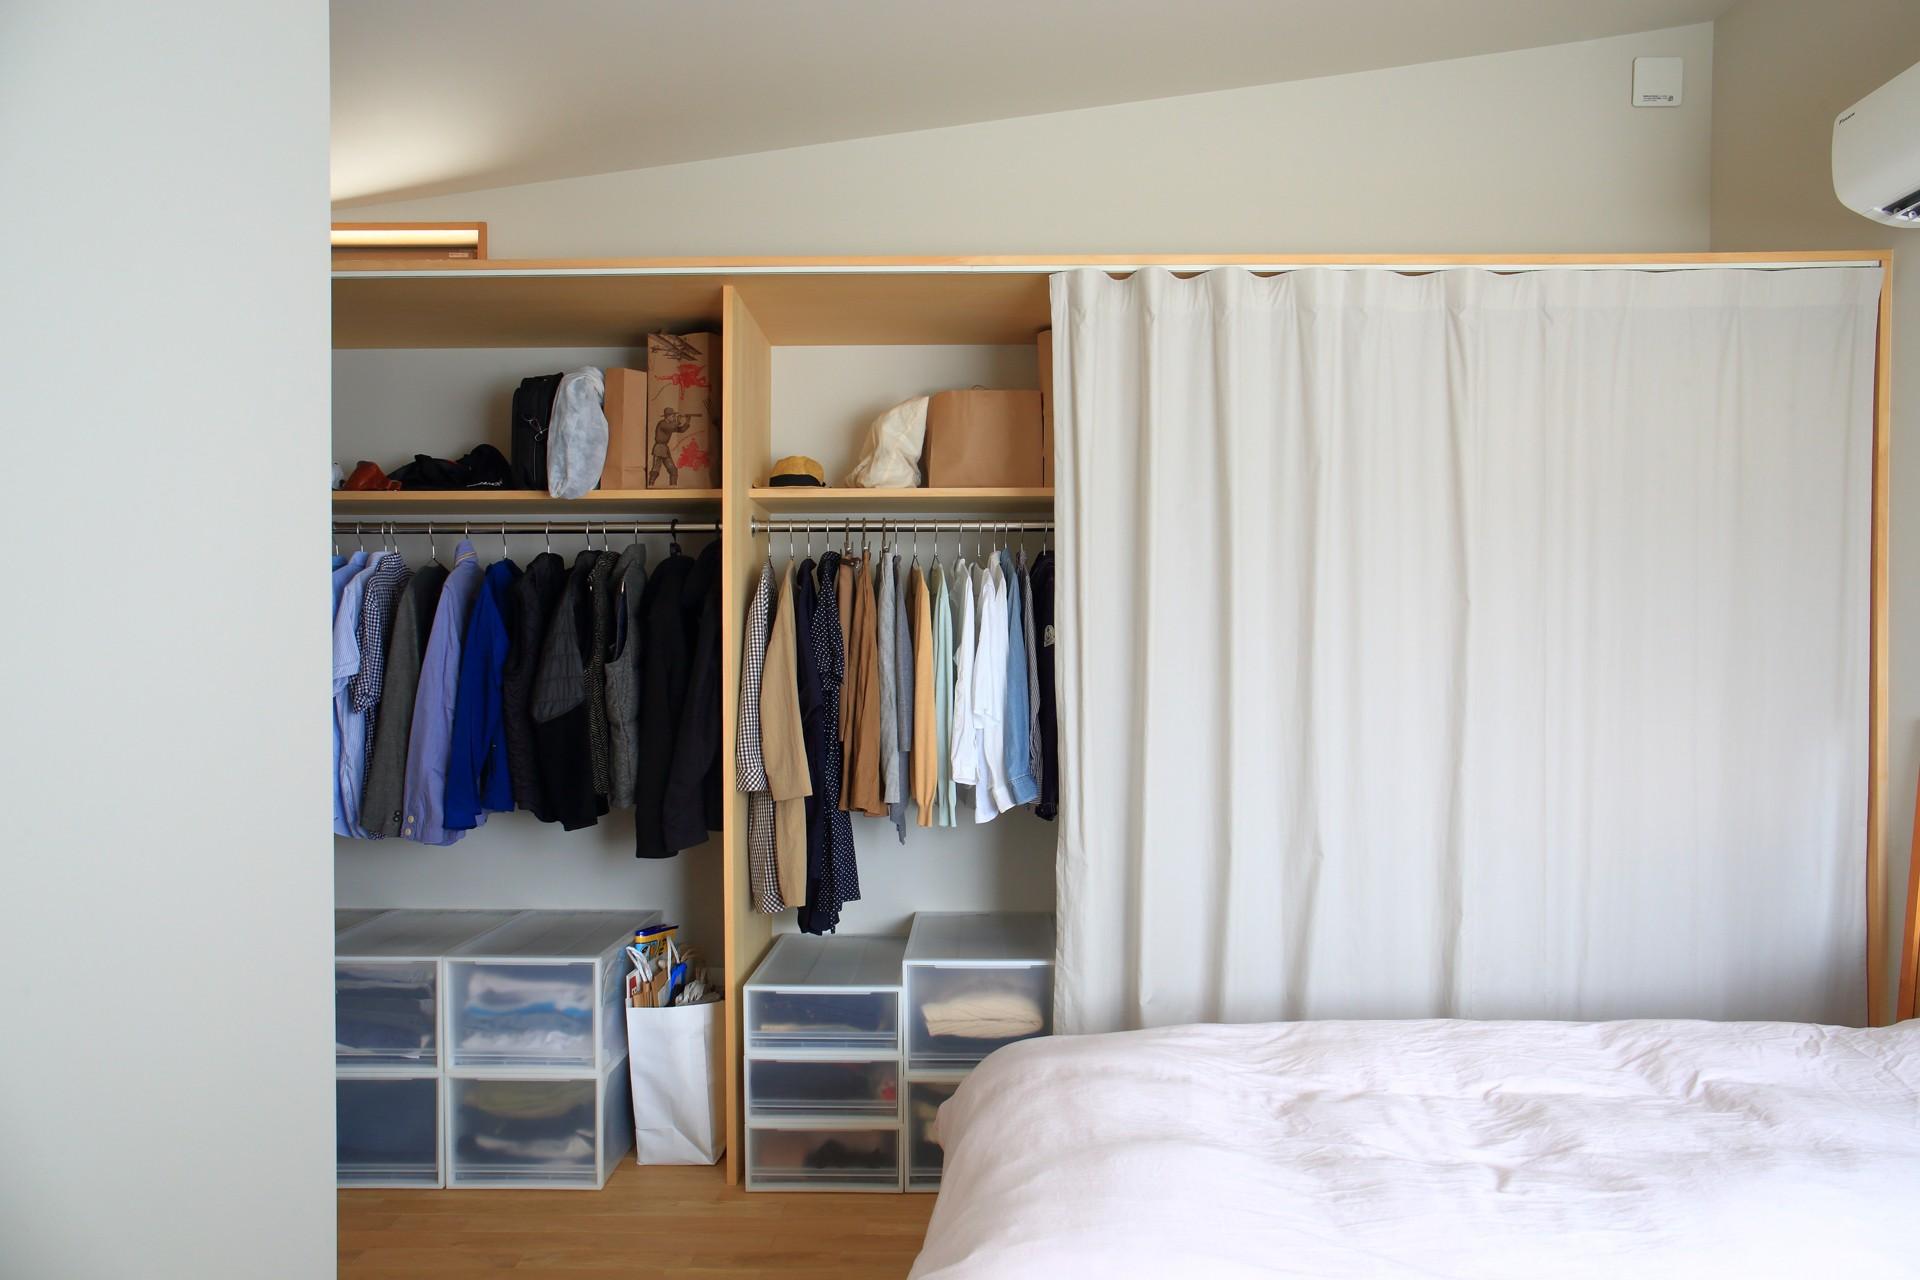 ベッドルーム事例:寝室(暮らしを楽しむ家)